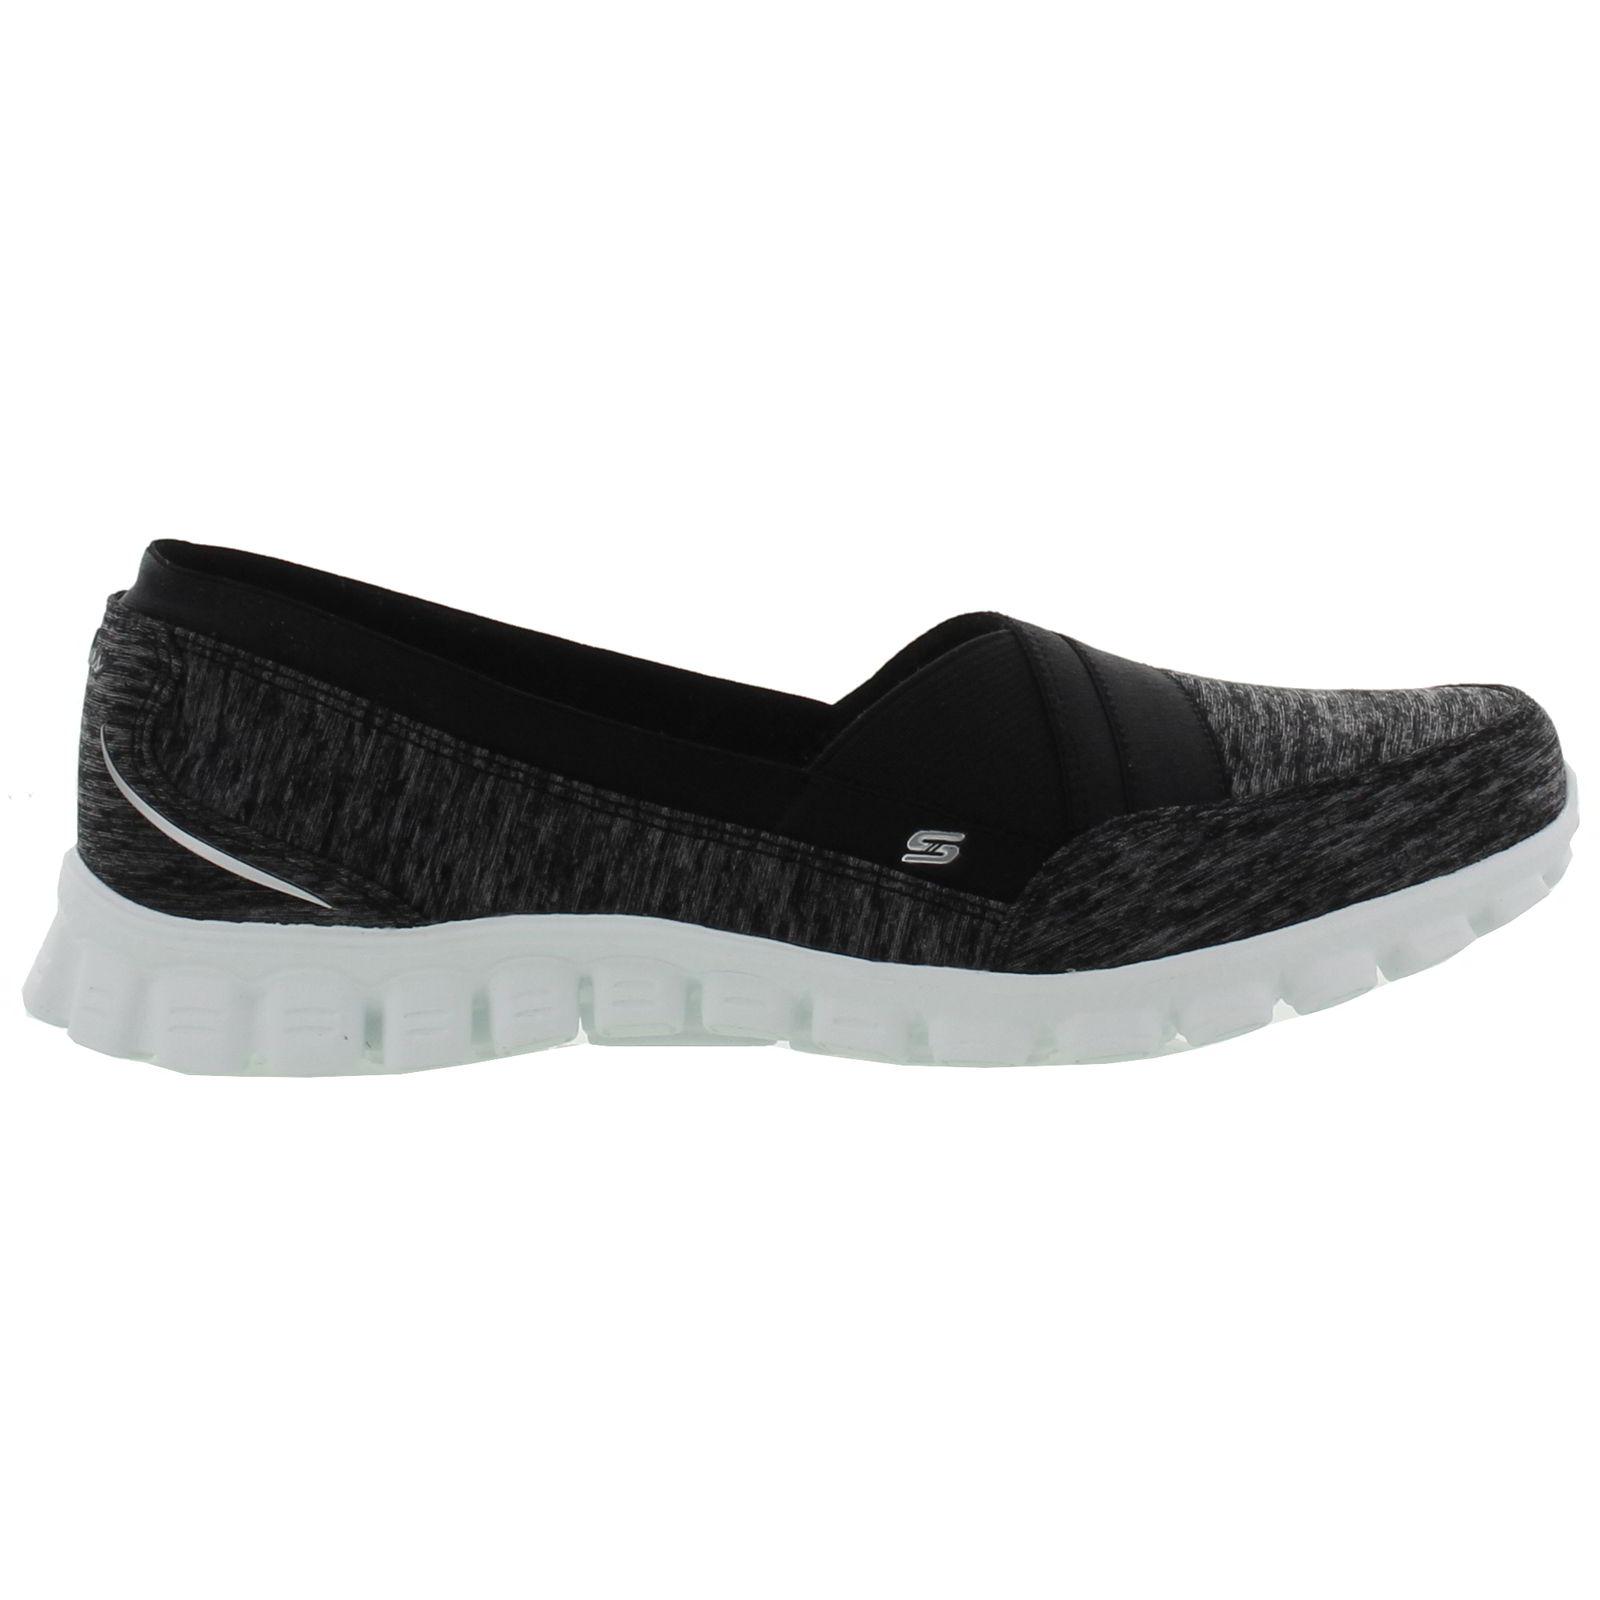 Skechers Women's EZ Flex 2 Right On Sneaker,Black,US 7.5 M